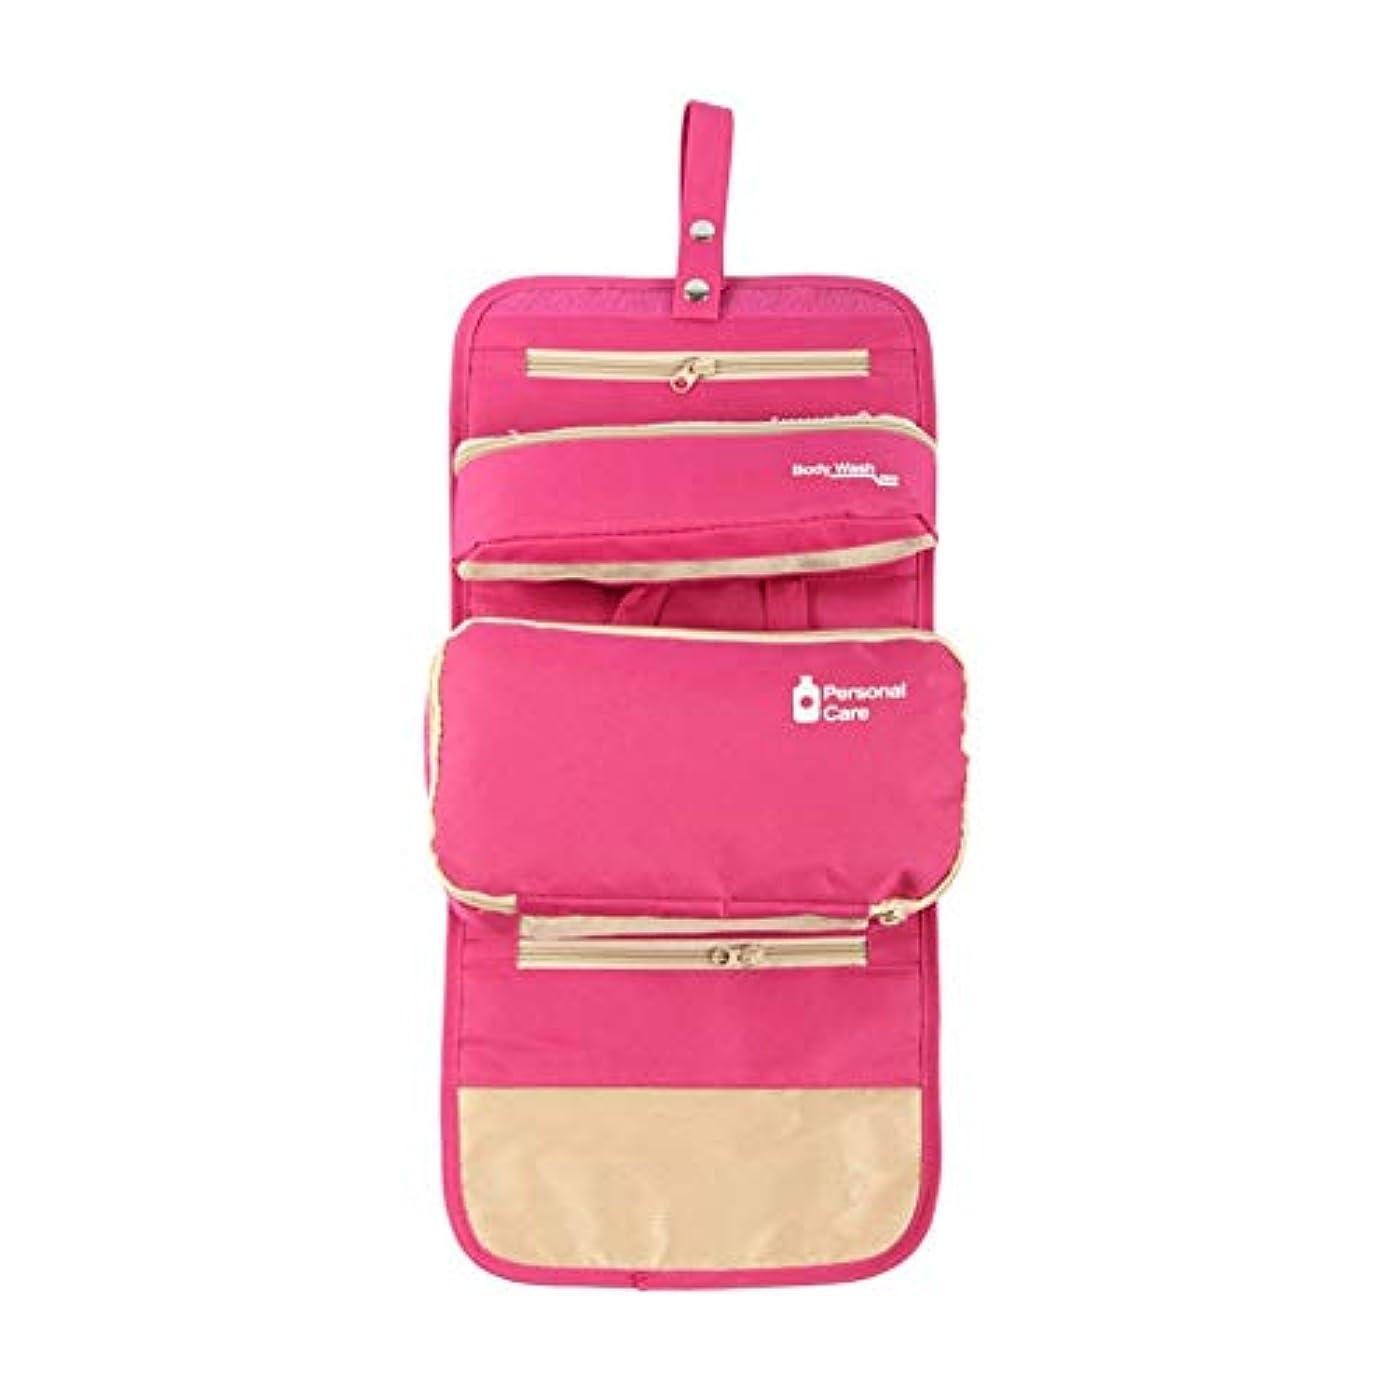 ダイアクリティカル手当オリエント特大スペース収納ビューティーボックス 女の子の女性旅行のための新しく、実用的な携帯用化粧箱およびロックおよび皿が付いている毎日の貯蔵 化粧品化粧台 (色 : ピンク)